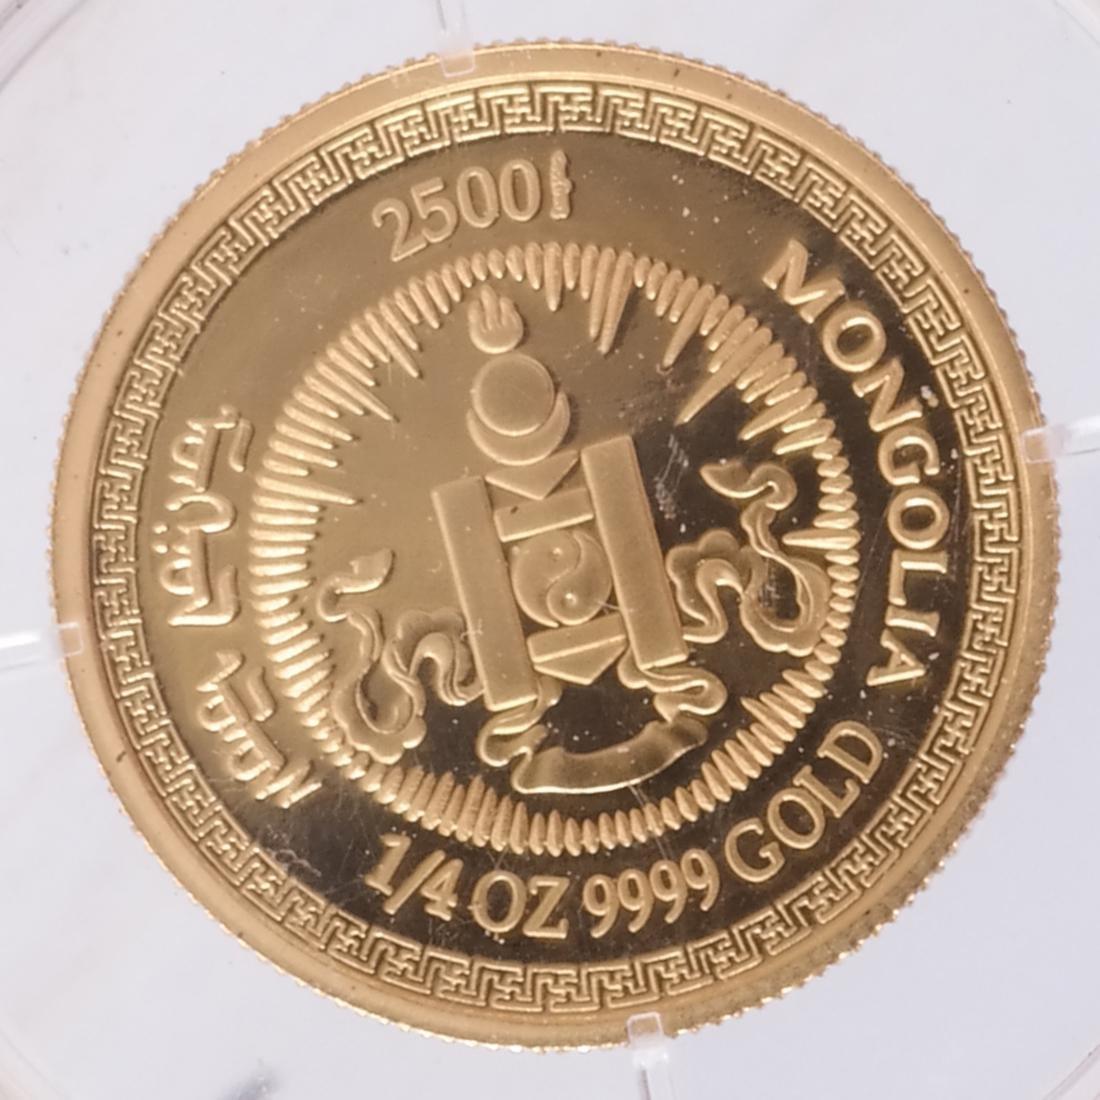 4 China Gold & Platinum Coin Sets - 8